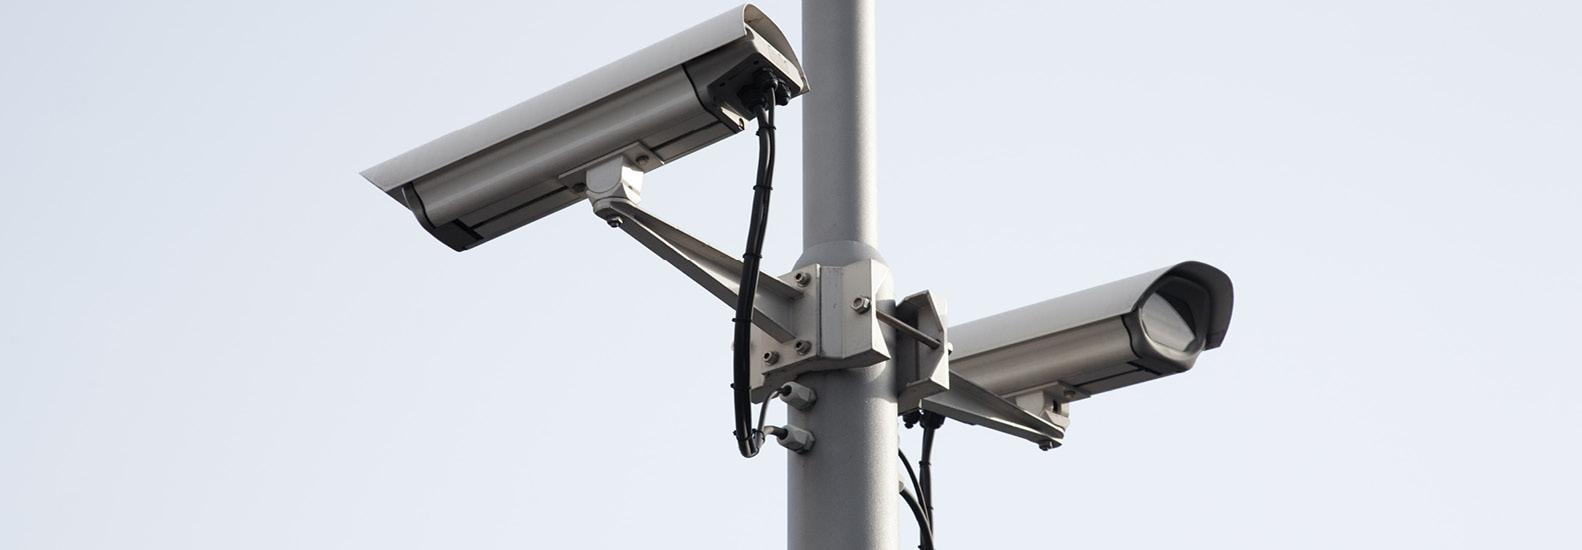 installazione-impianti-videosorveglianza-bolzano-merano-bressanone-bz-alto-adige